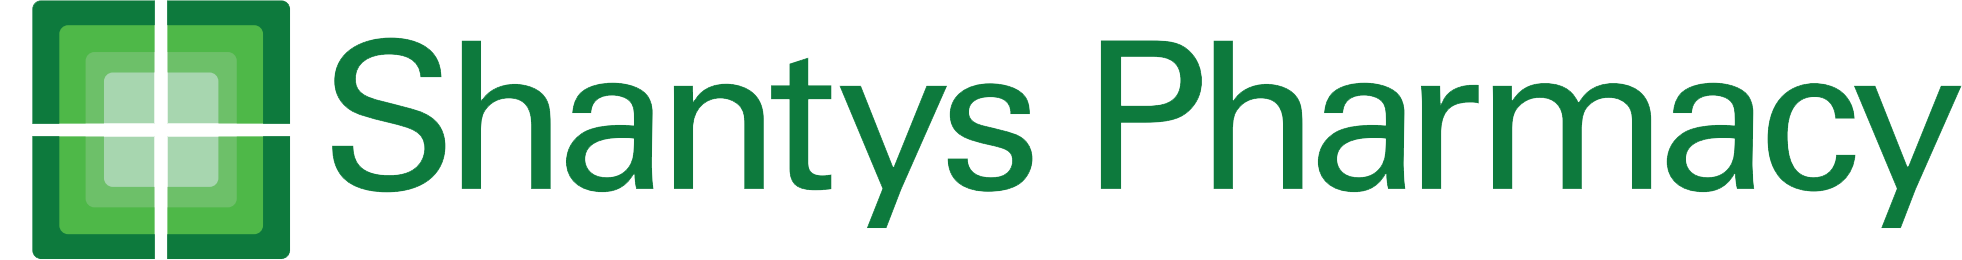 Shantys Pharmacy Whitechapel Logo